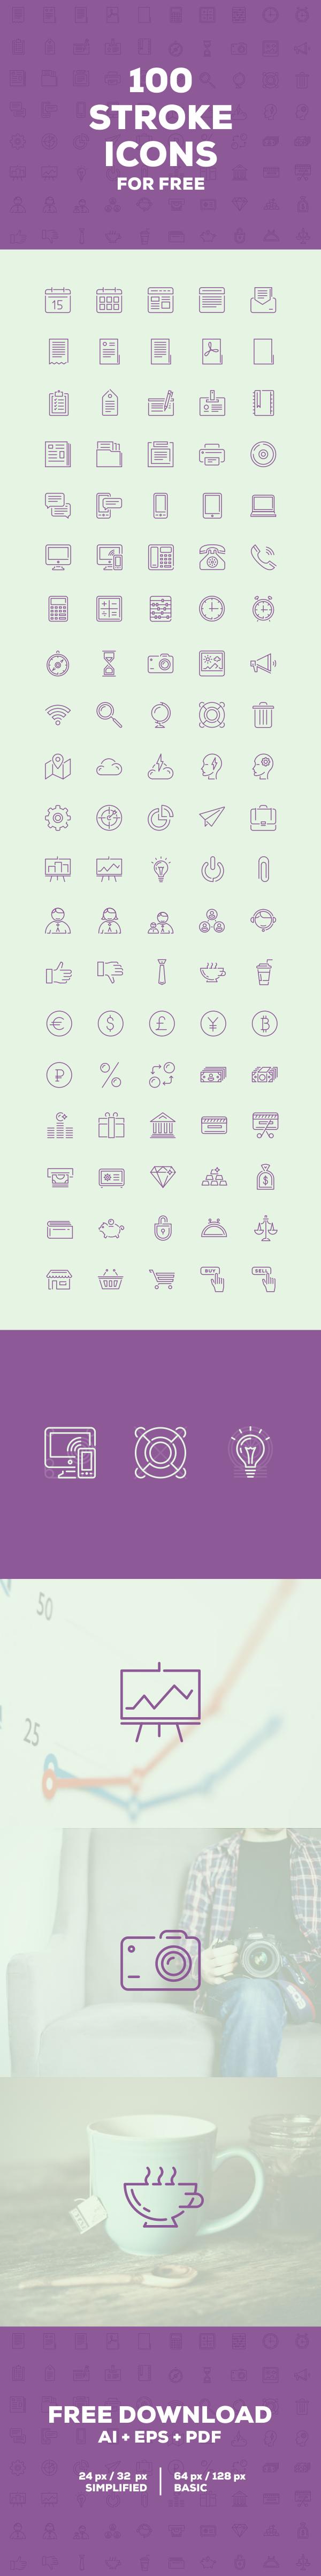 100 Stroke Icons (.Ai + .Eps) скачать бесплатно